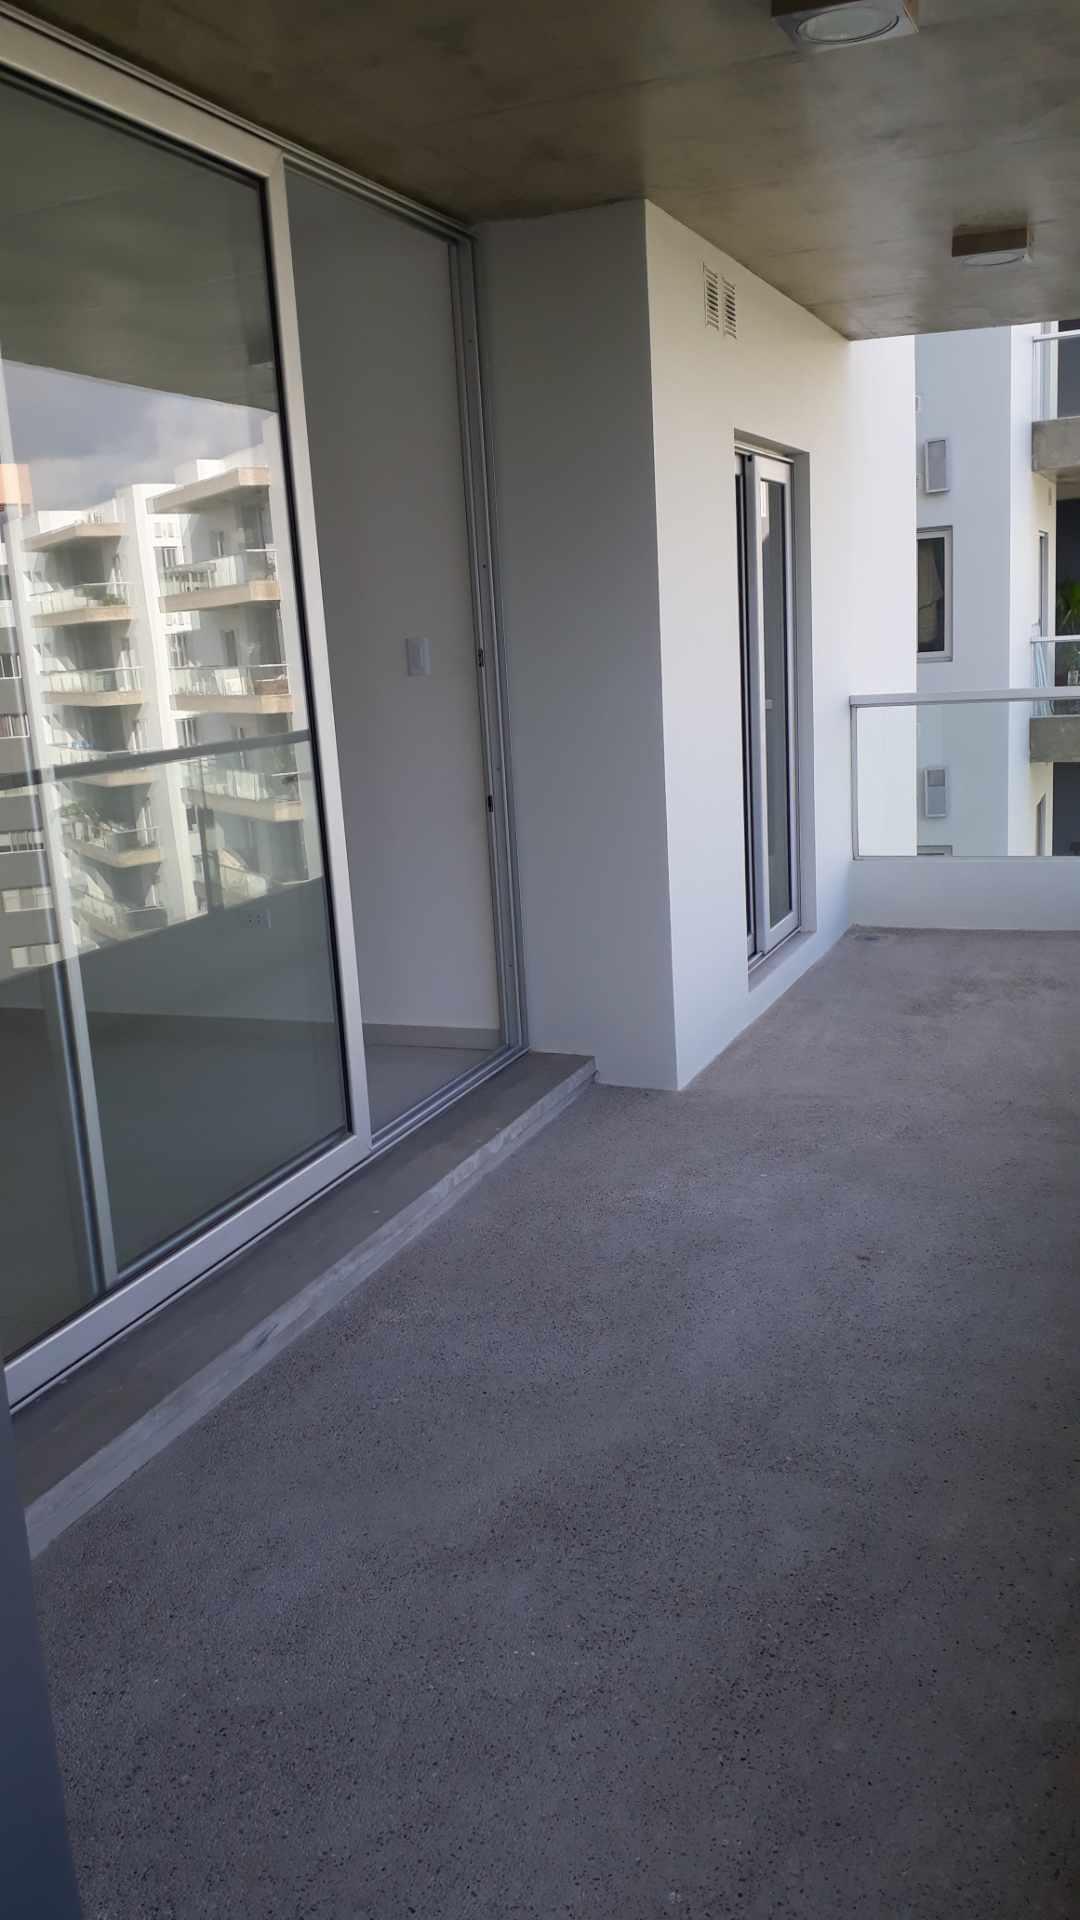 Departamento en Venta Condominio Vista Verde - Radial 19 pasado 4° anillo  Foto 16